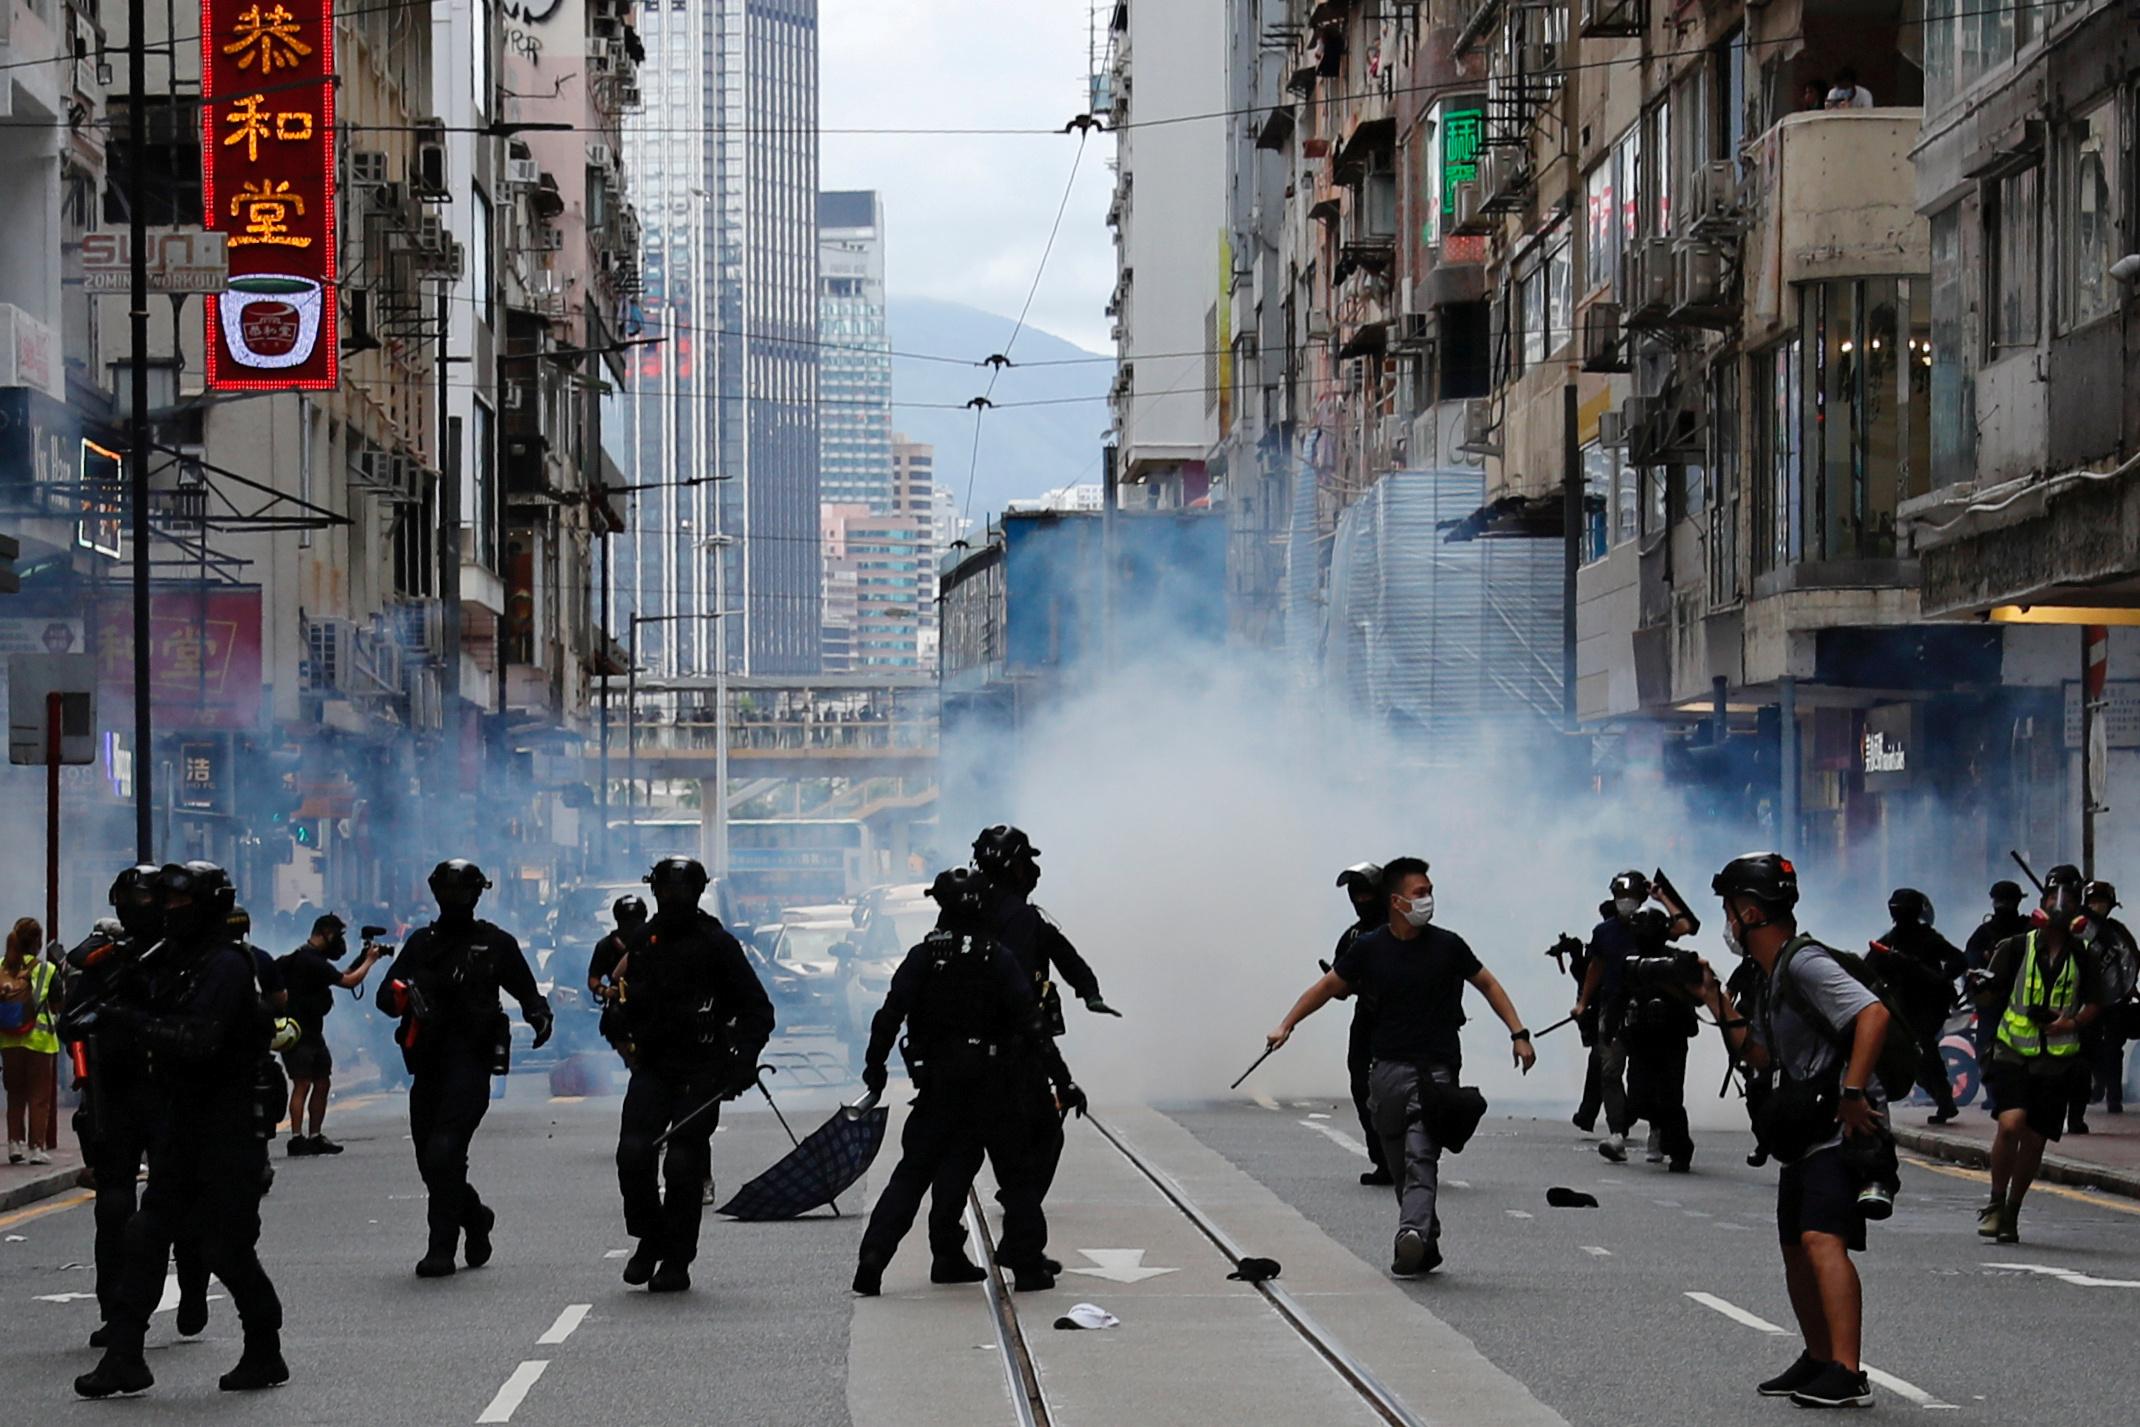 La policía desplegó un importante dispositivo en las calles de la ciudad que celebra el 23º aniversario de su devolución a China por parte del Reino Unido.